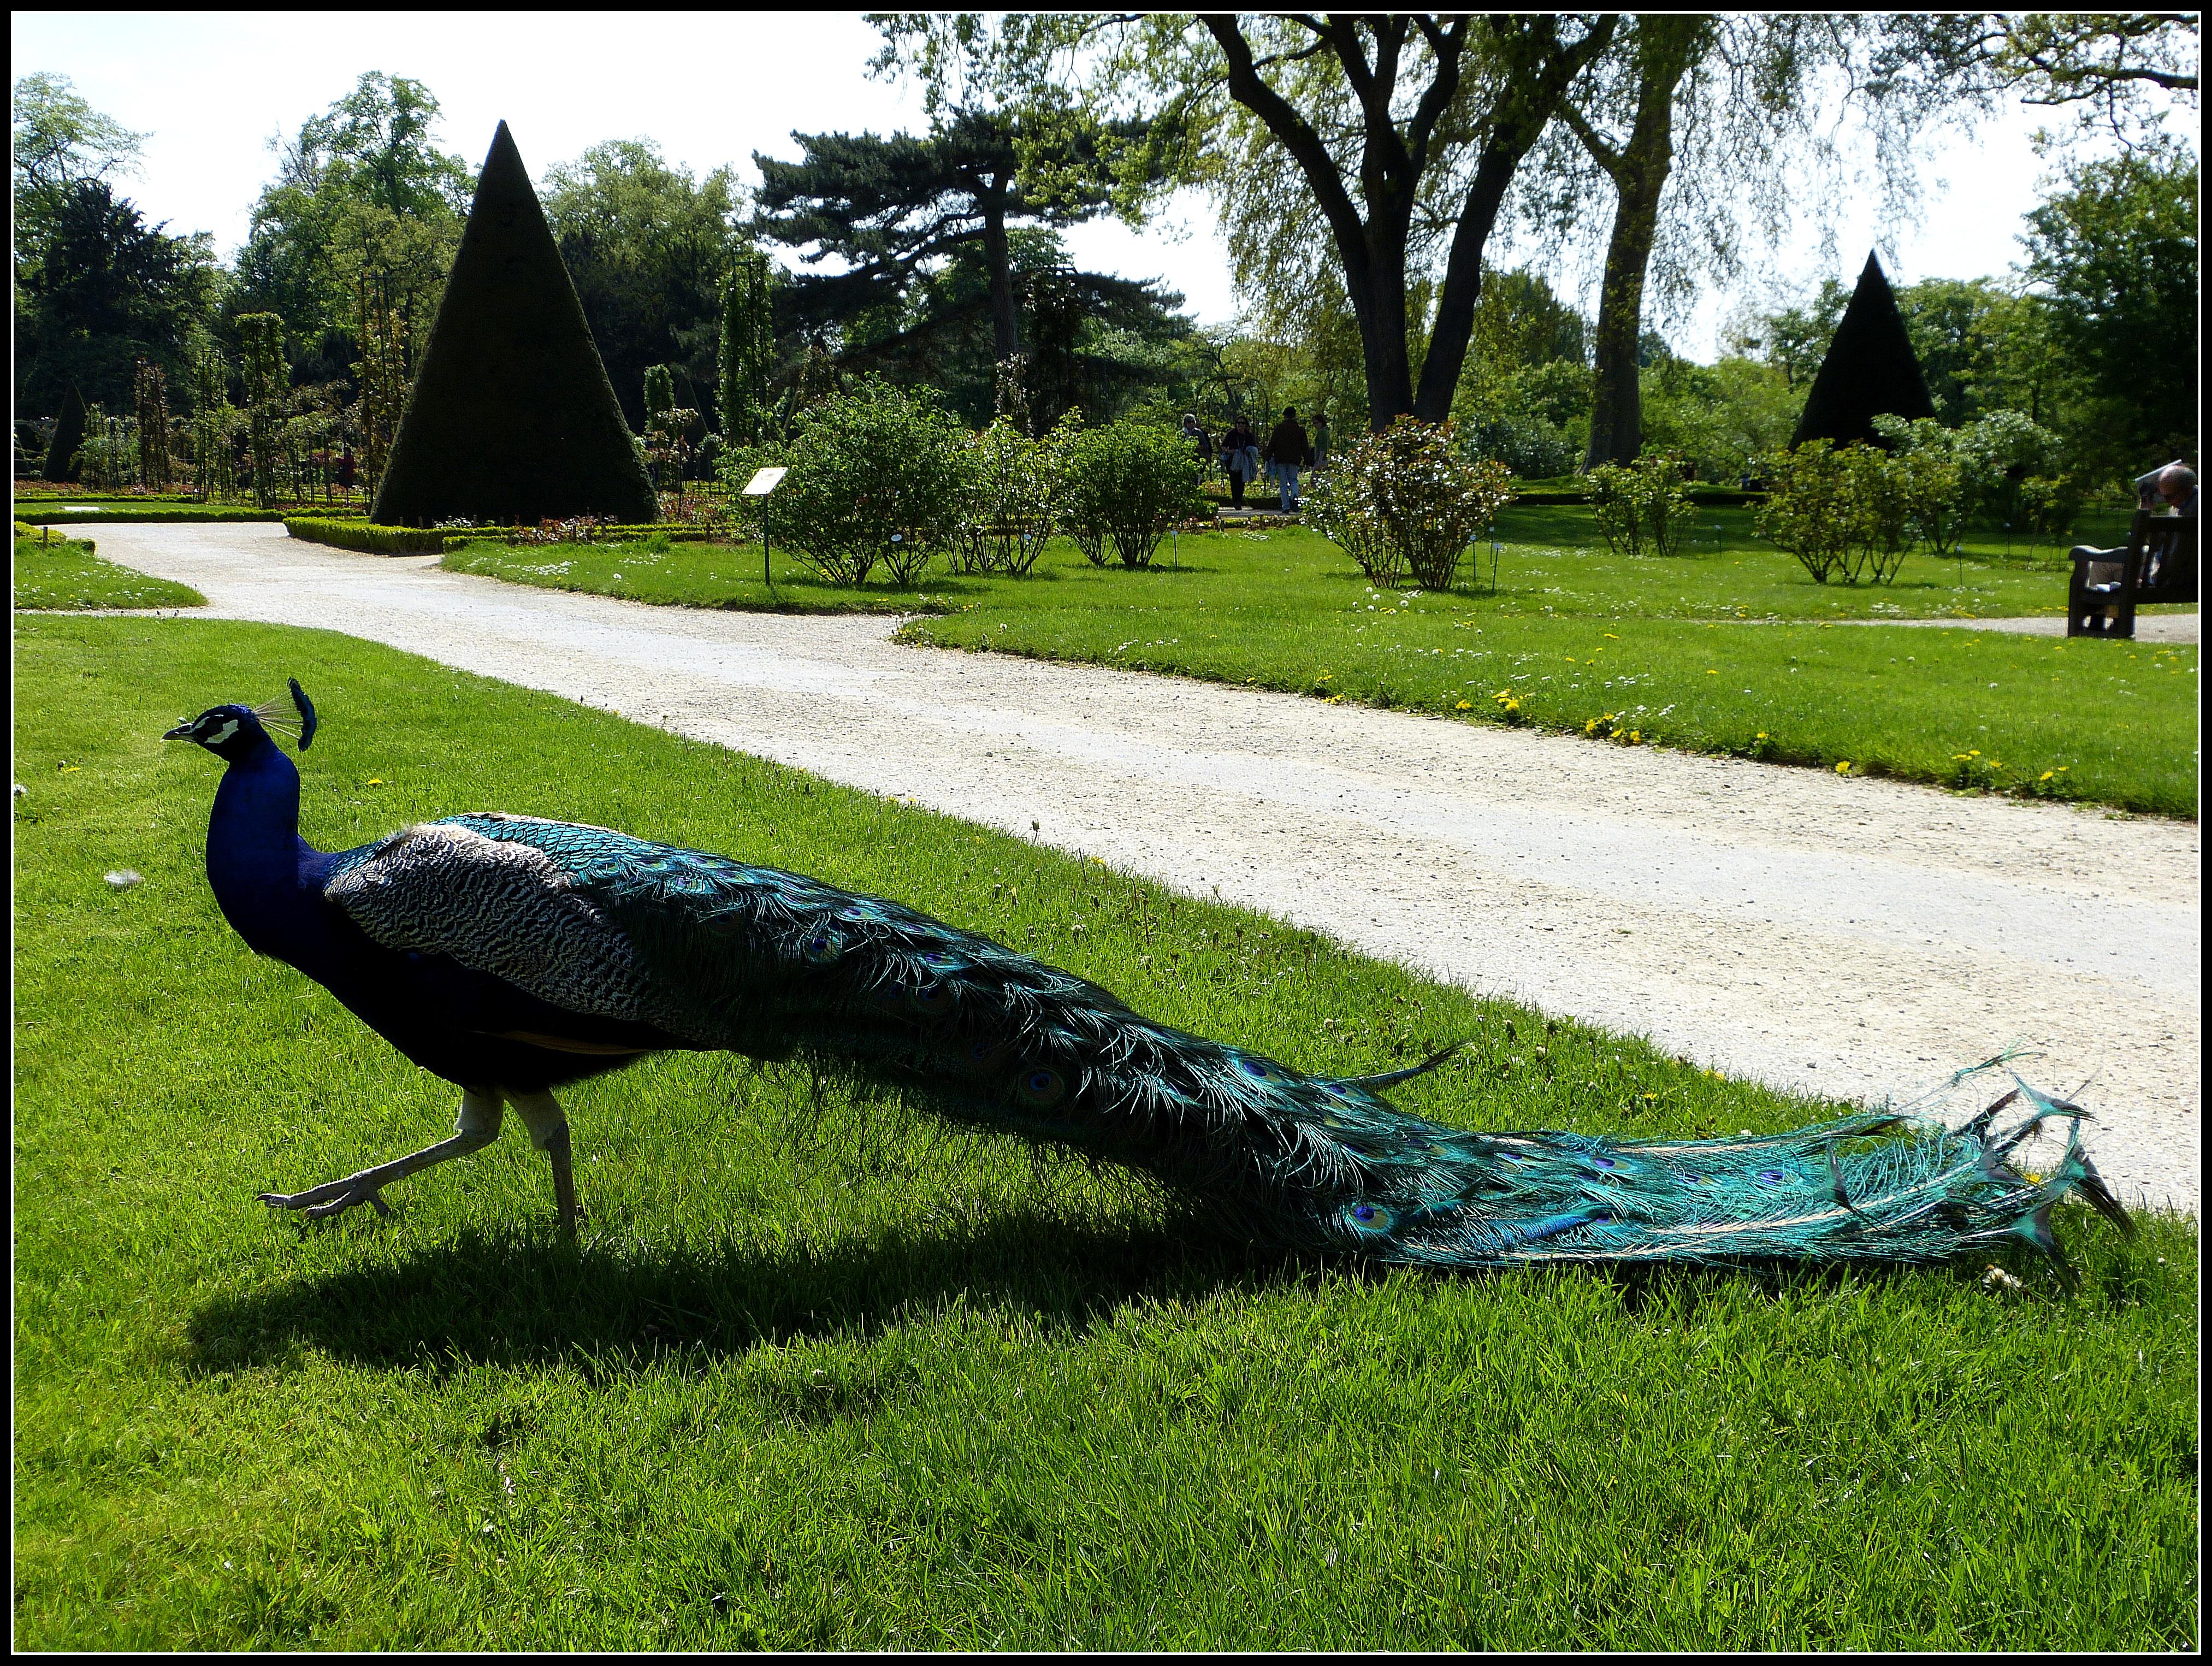 Les jardins de bagatelle japanalex for Jardin bagatelle